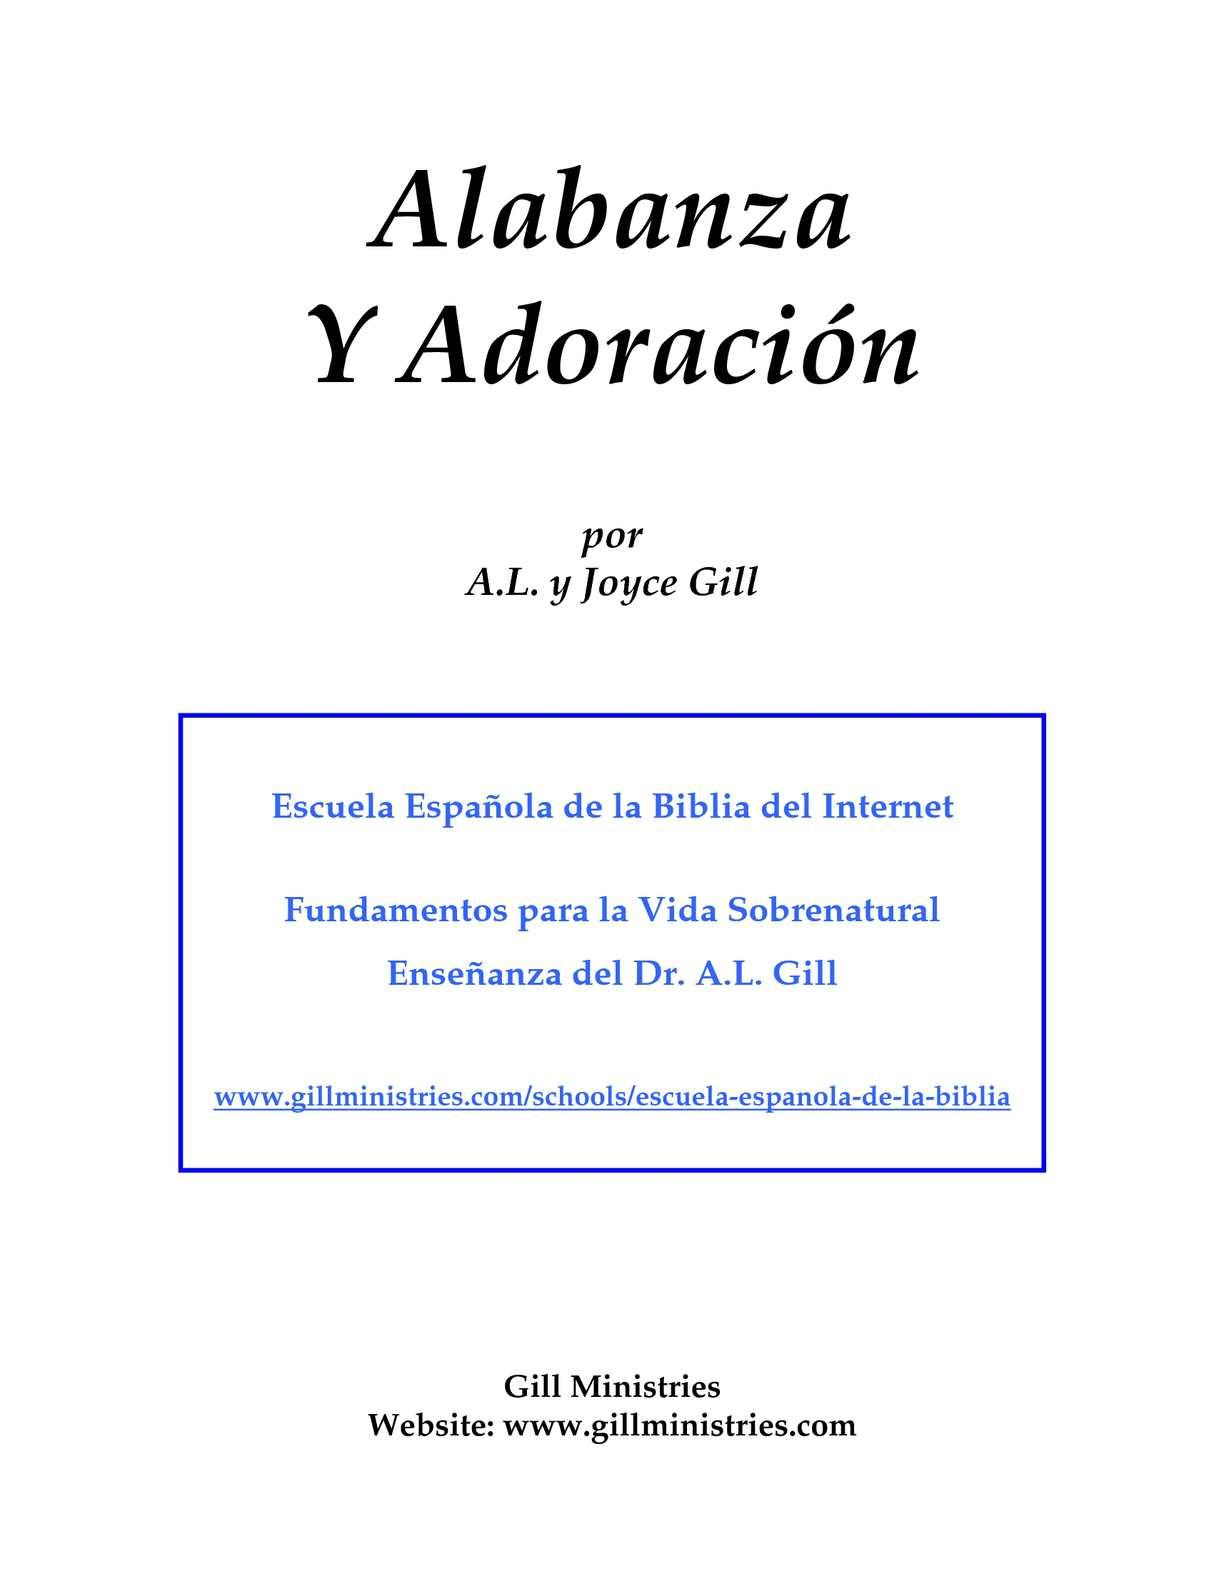 Calaméo - Alabanza y Adoración